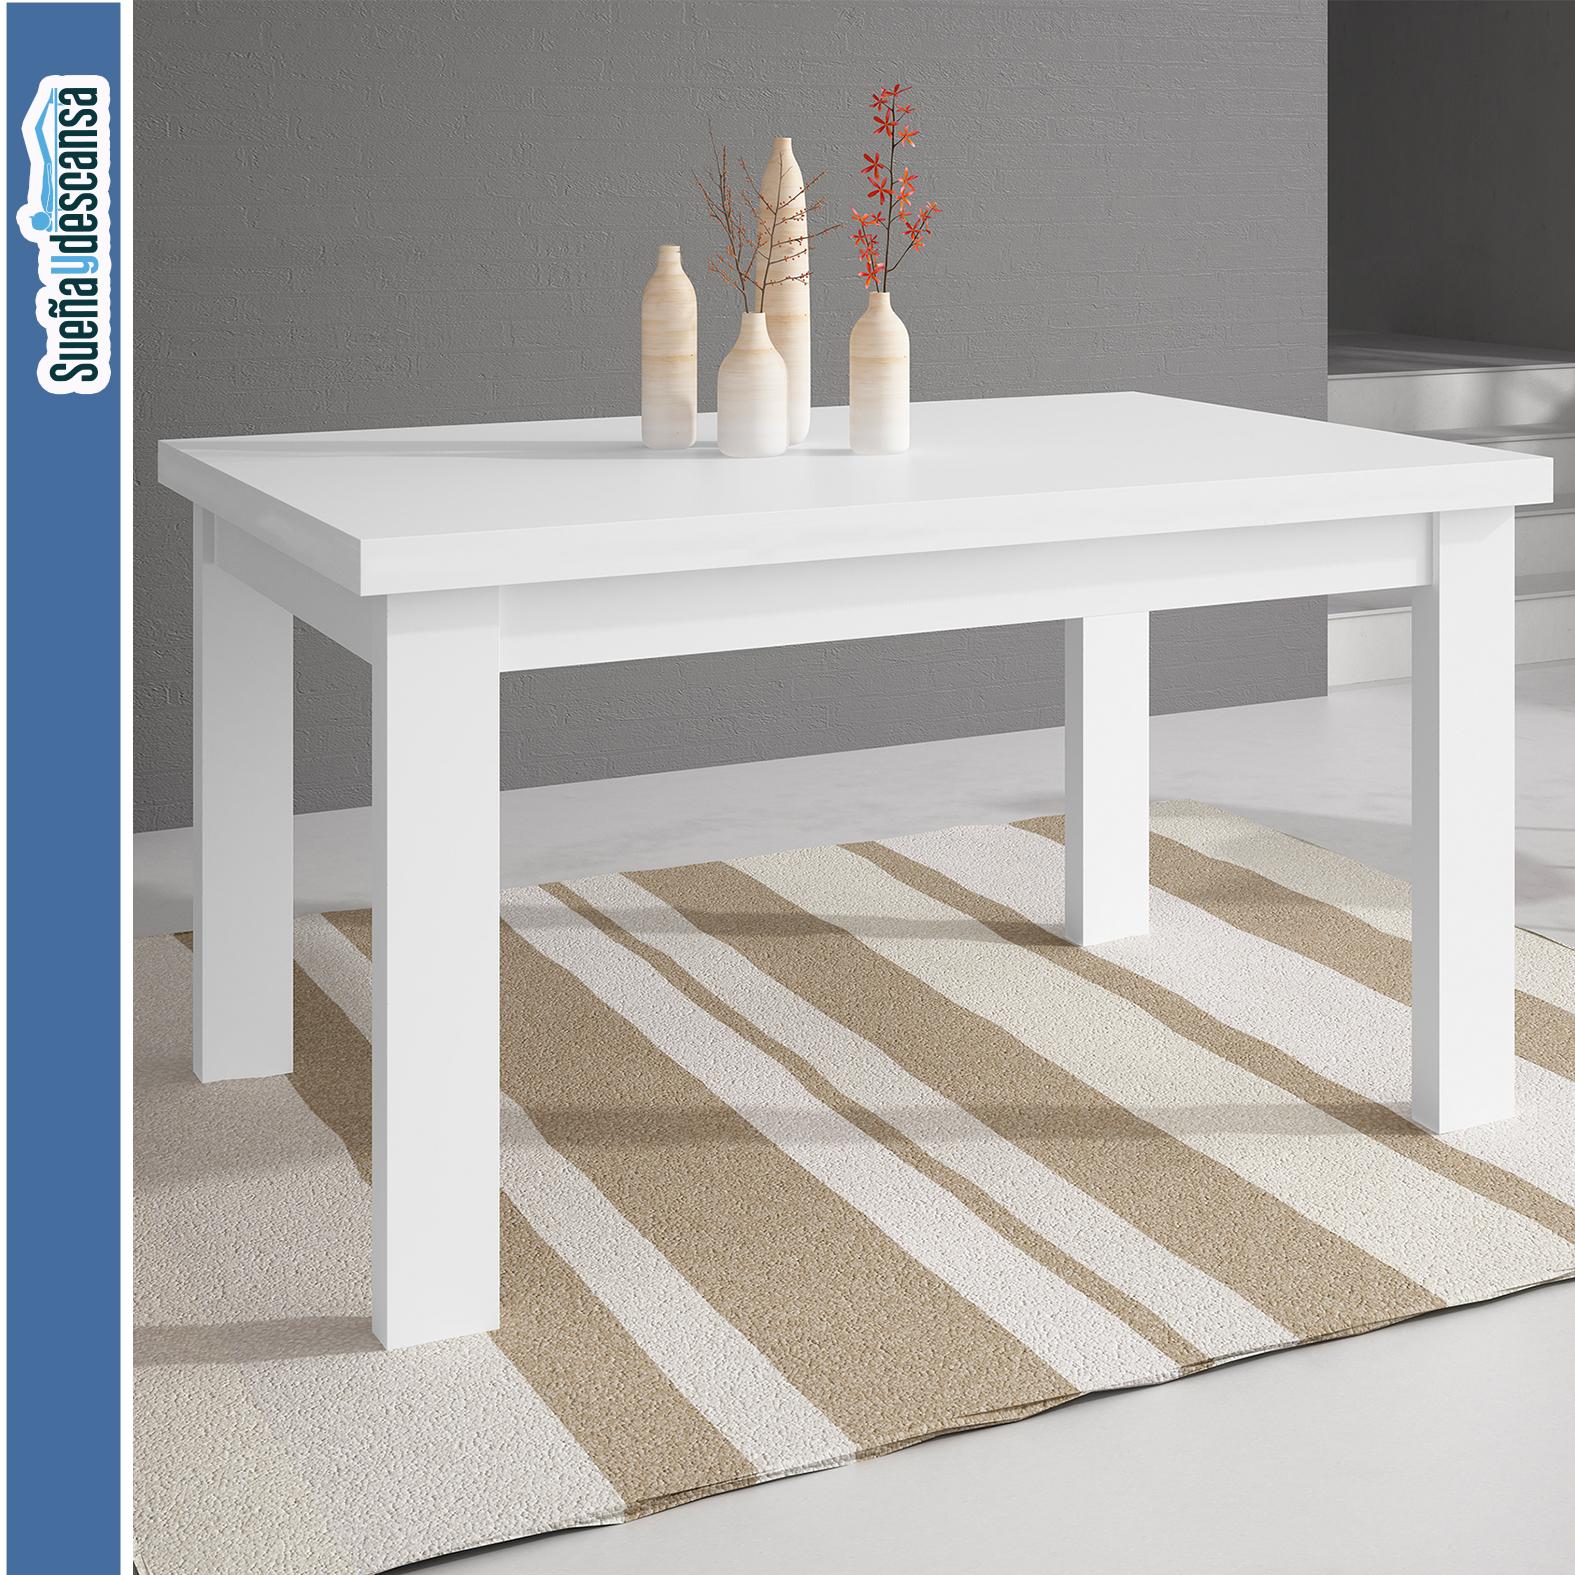 Mesa Comedor Extensible Blanca - Sueña y Descansa